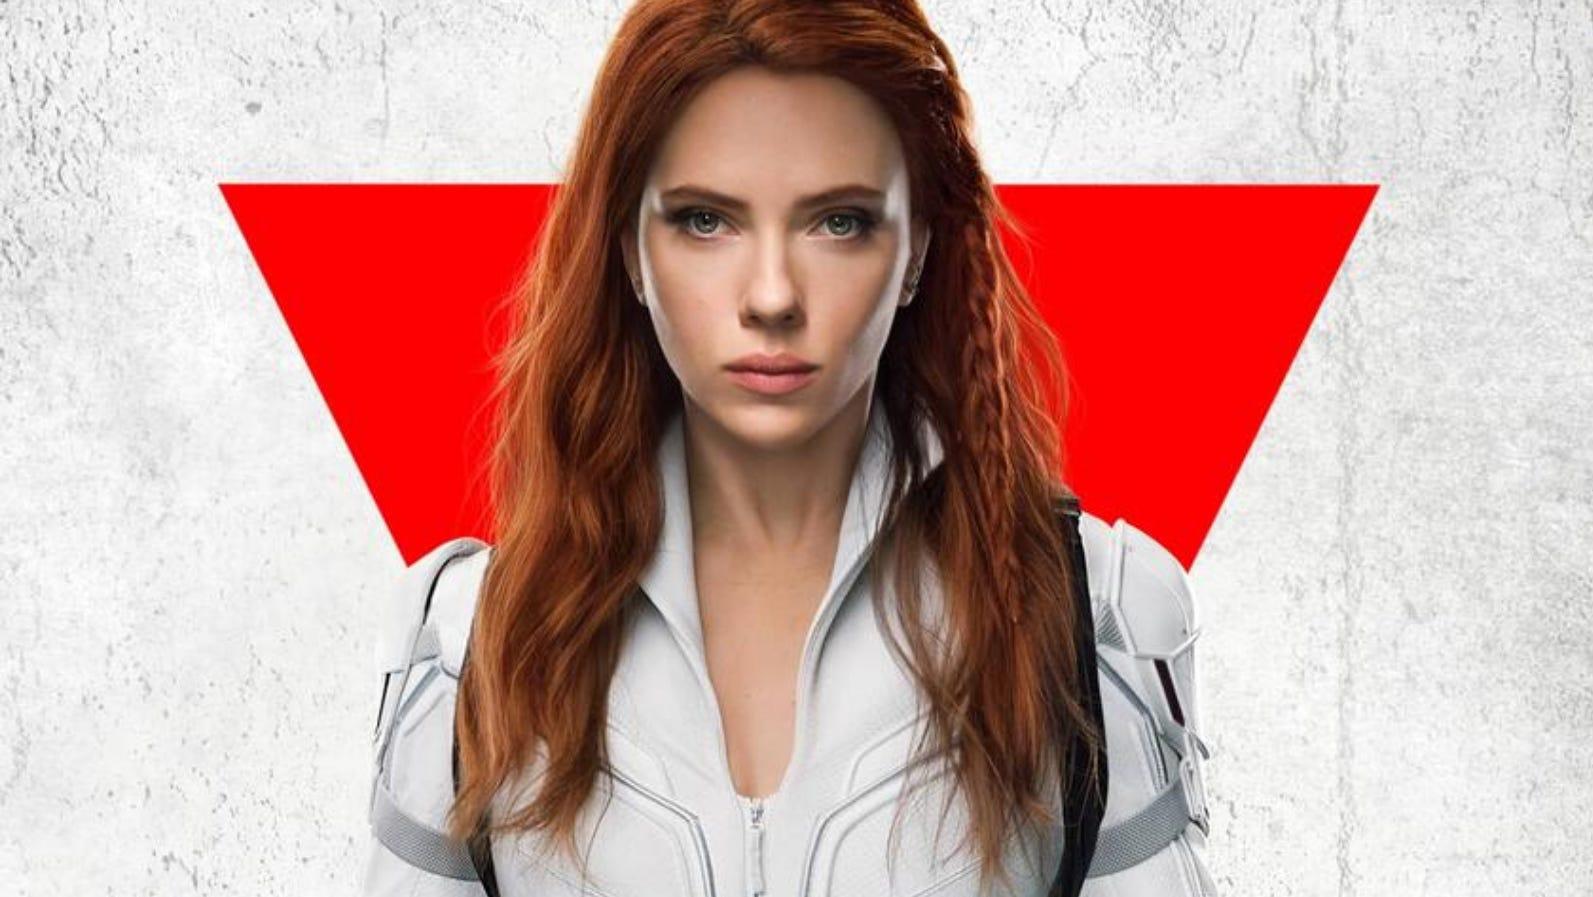 'Black Widow' của Scarlett Johansson nhận mưa lời khen từ các nhà phê bình phim. ẢNH: MARVEL